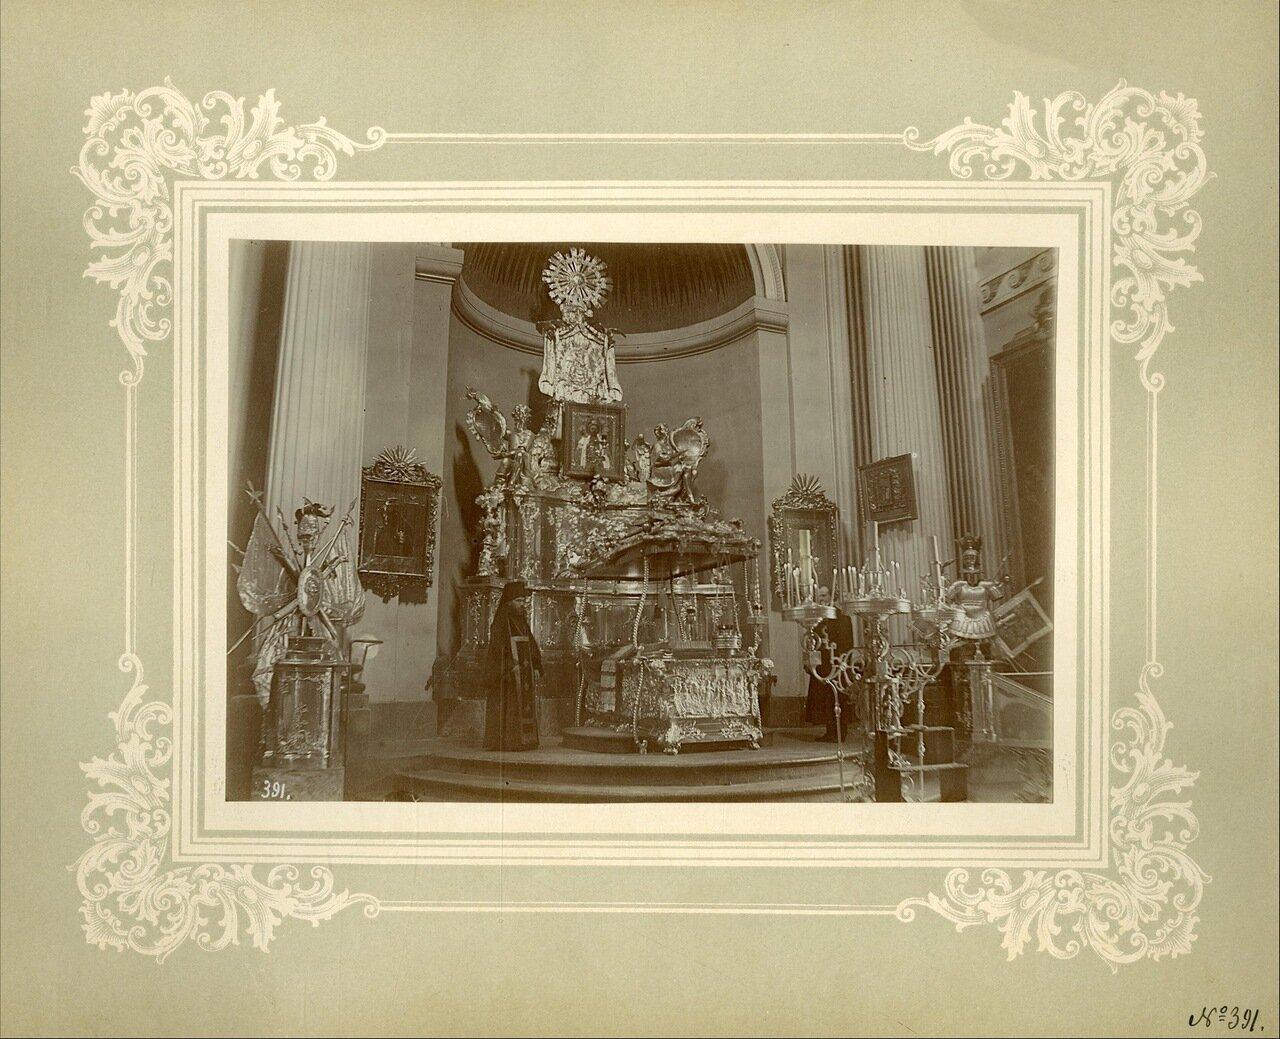 Рака с мощами бл. вел. кн. Александра Невского в Троицком соборе